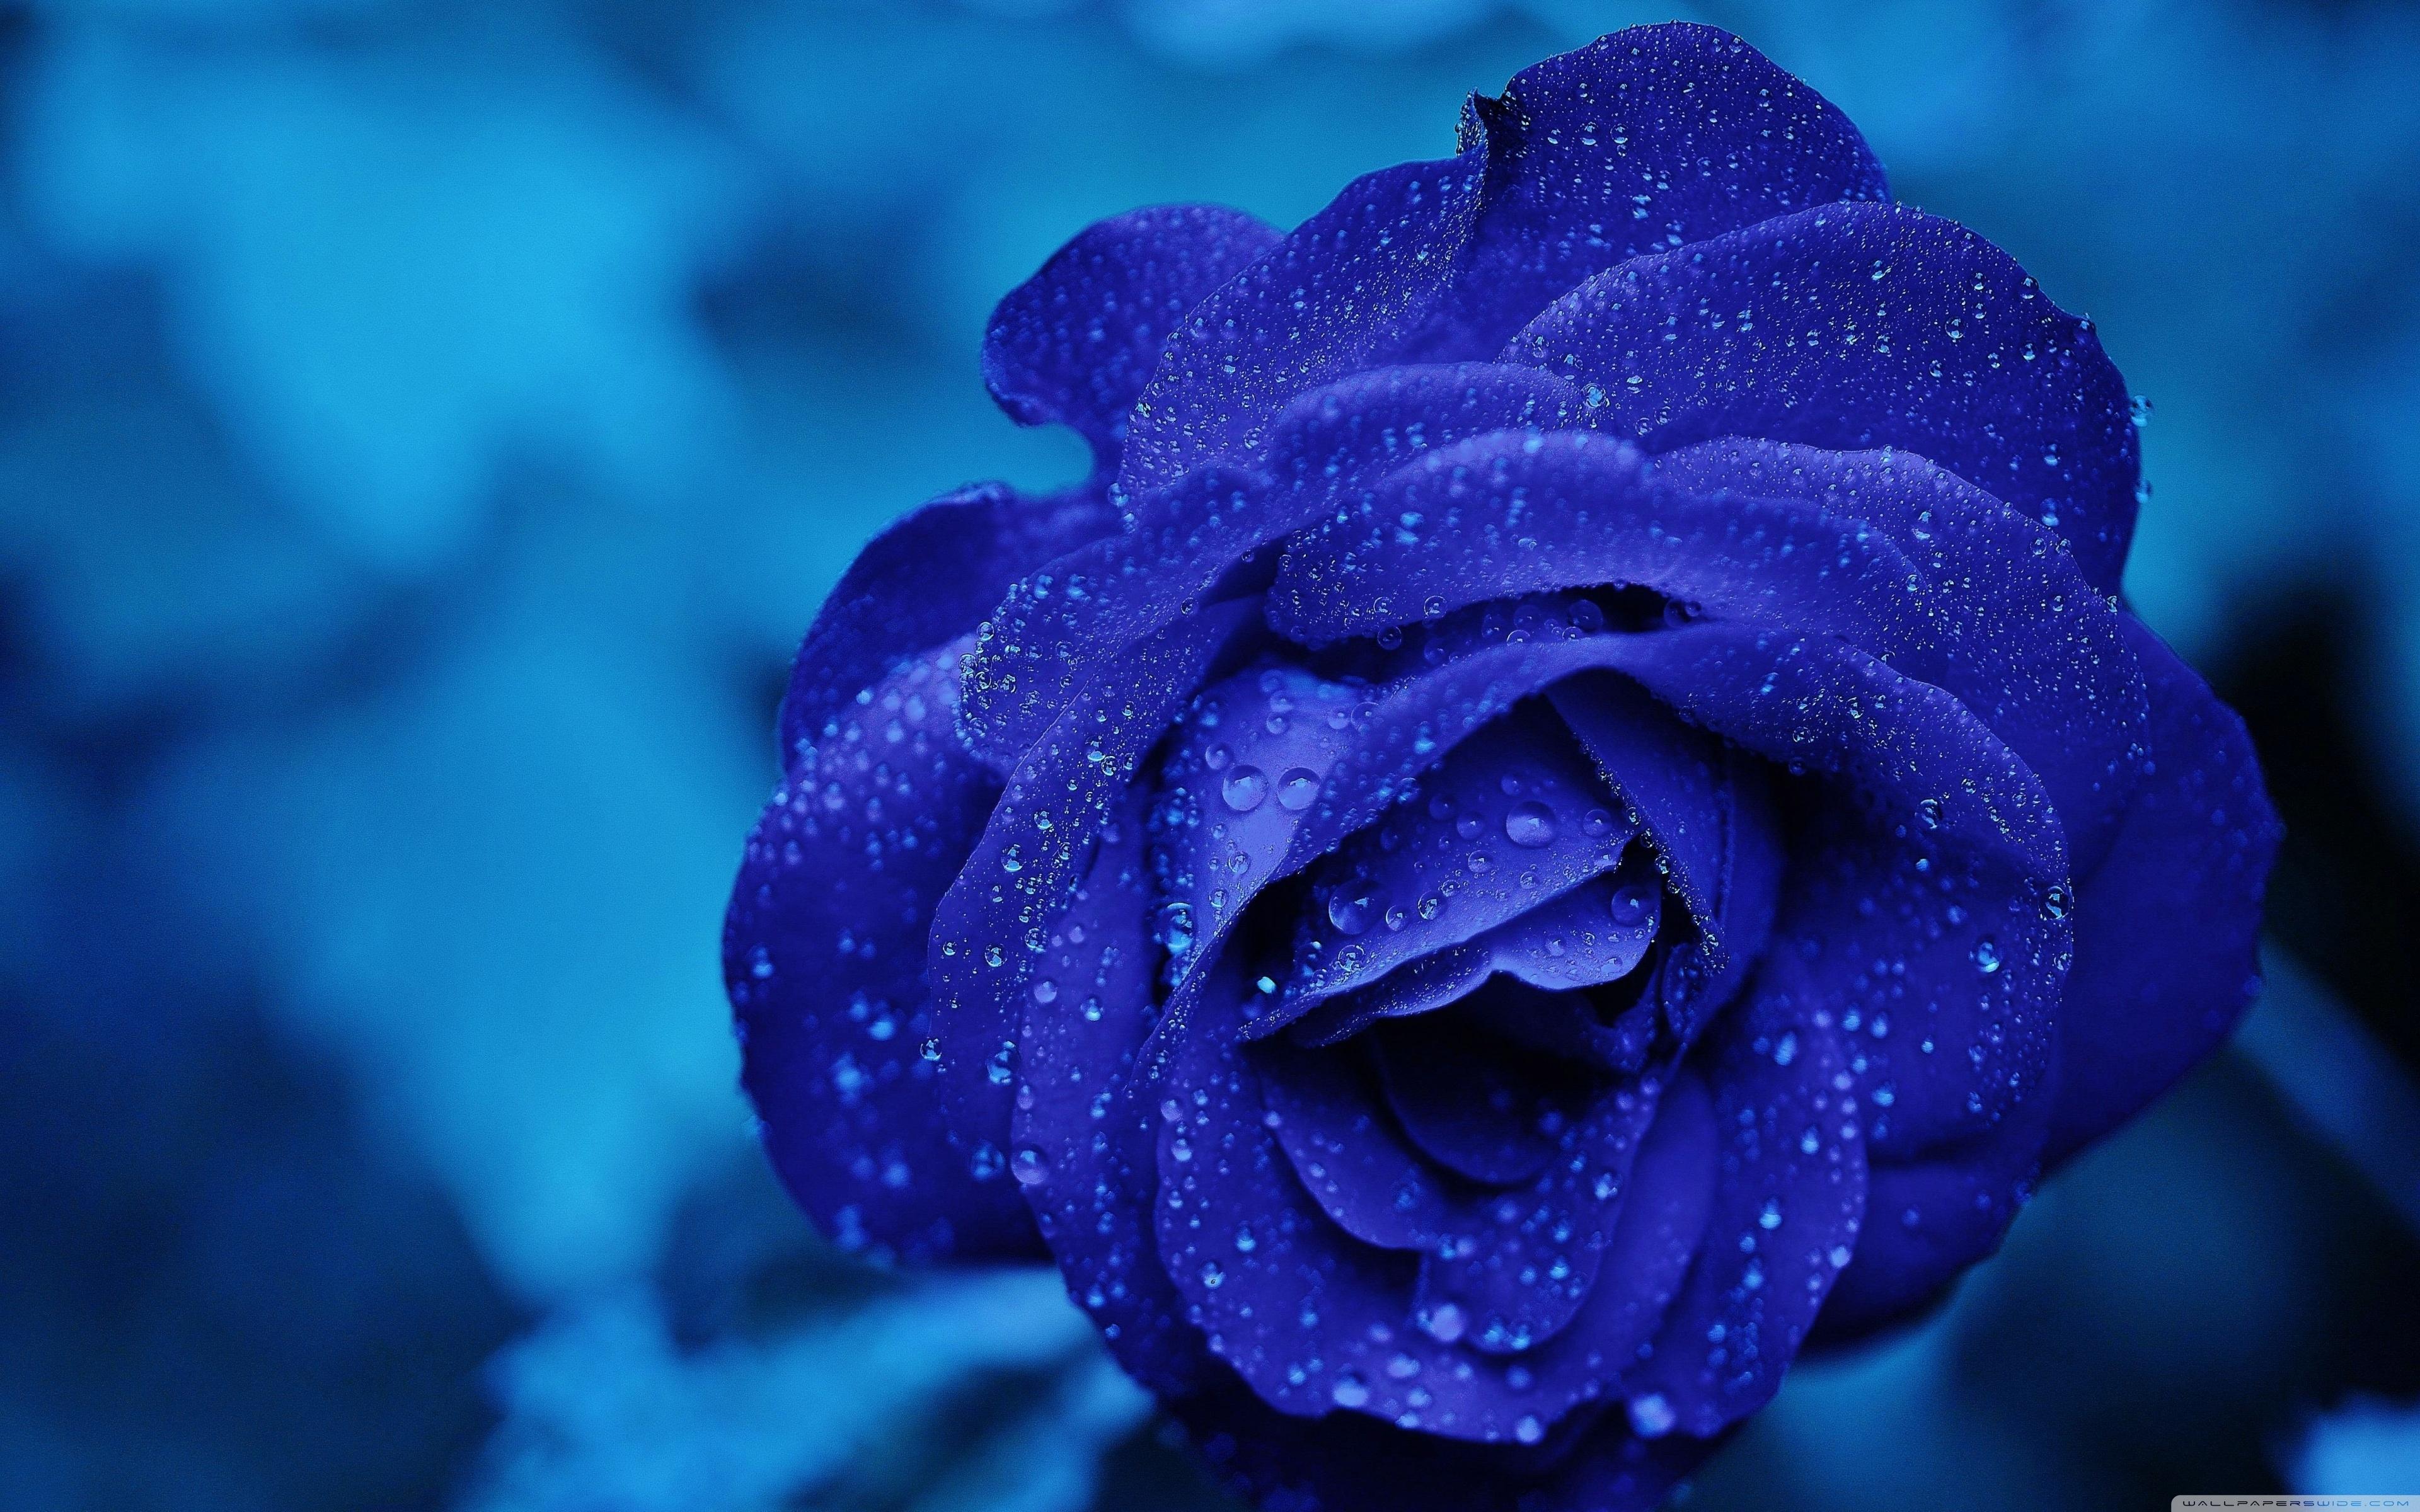 blue rose macro ❤ 4k hd desktop wallpaper for 4k ultra hd tv • wide